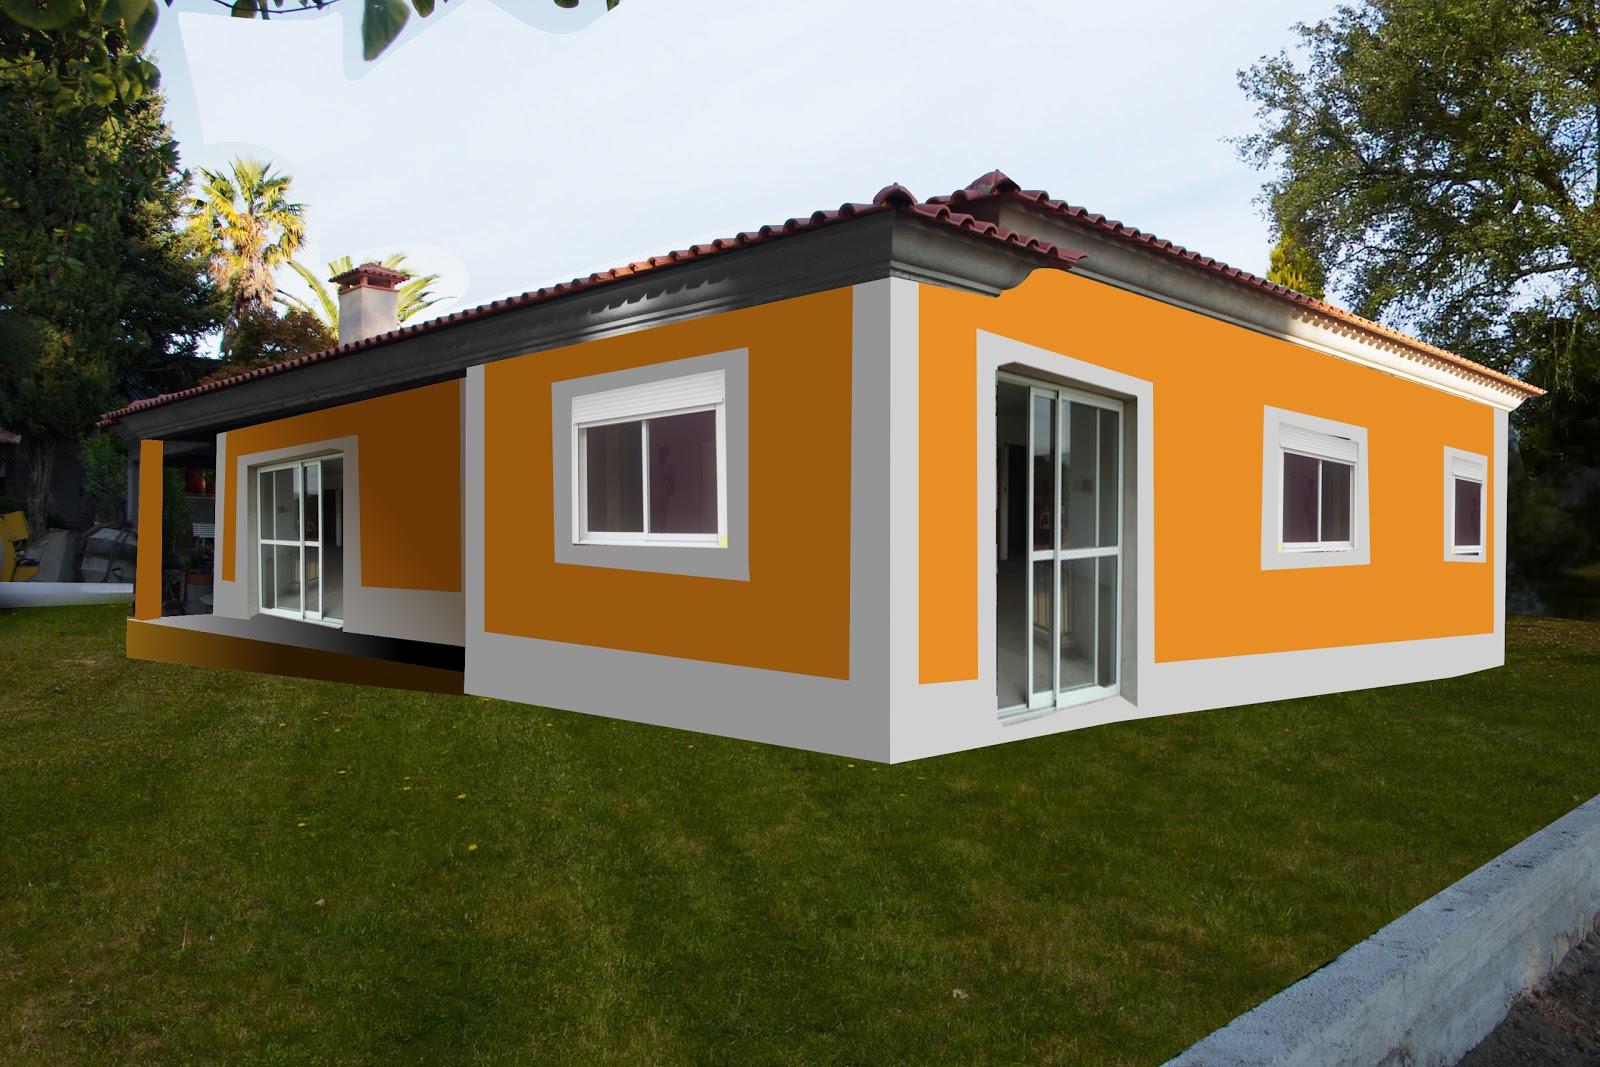 Dormitorio muebles modernos colores de pintura para exterior for Pintura para exteriores de casa 2016